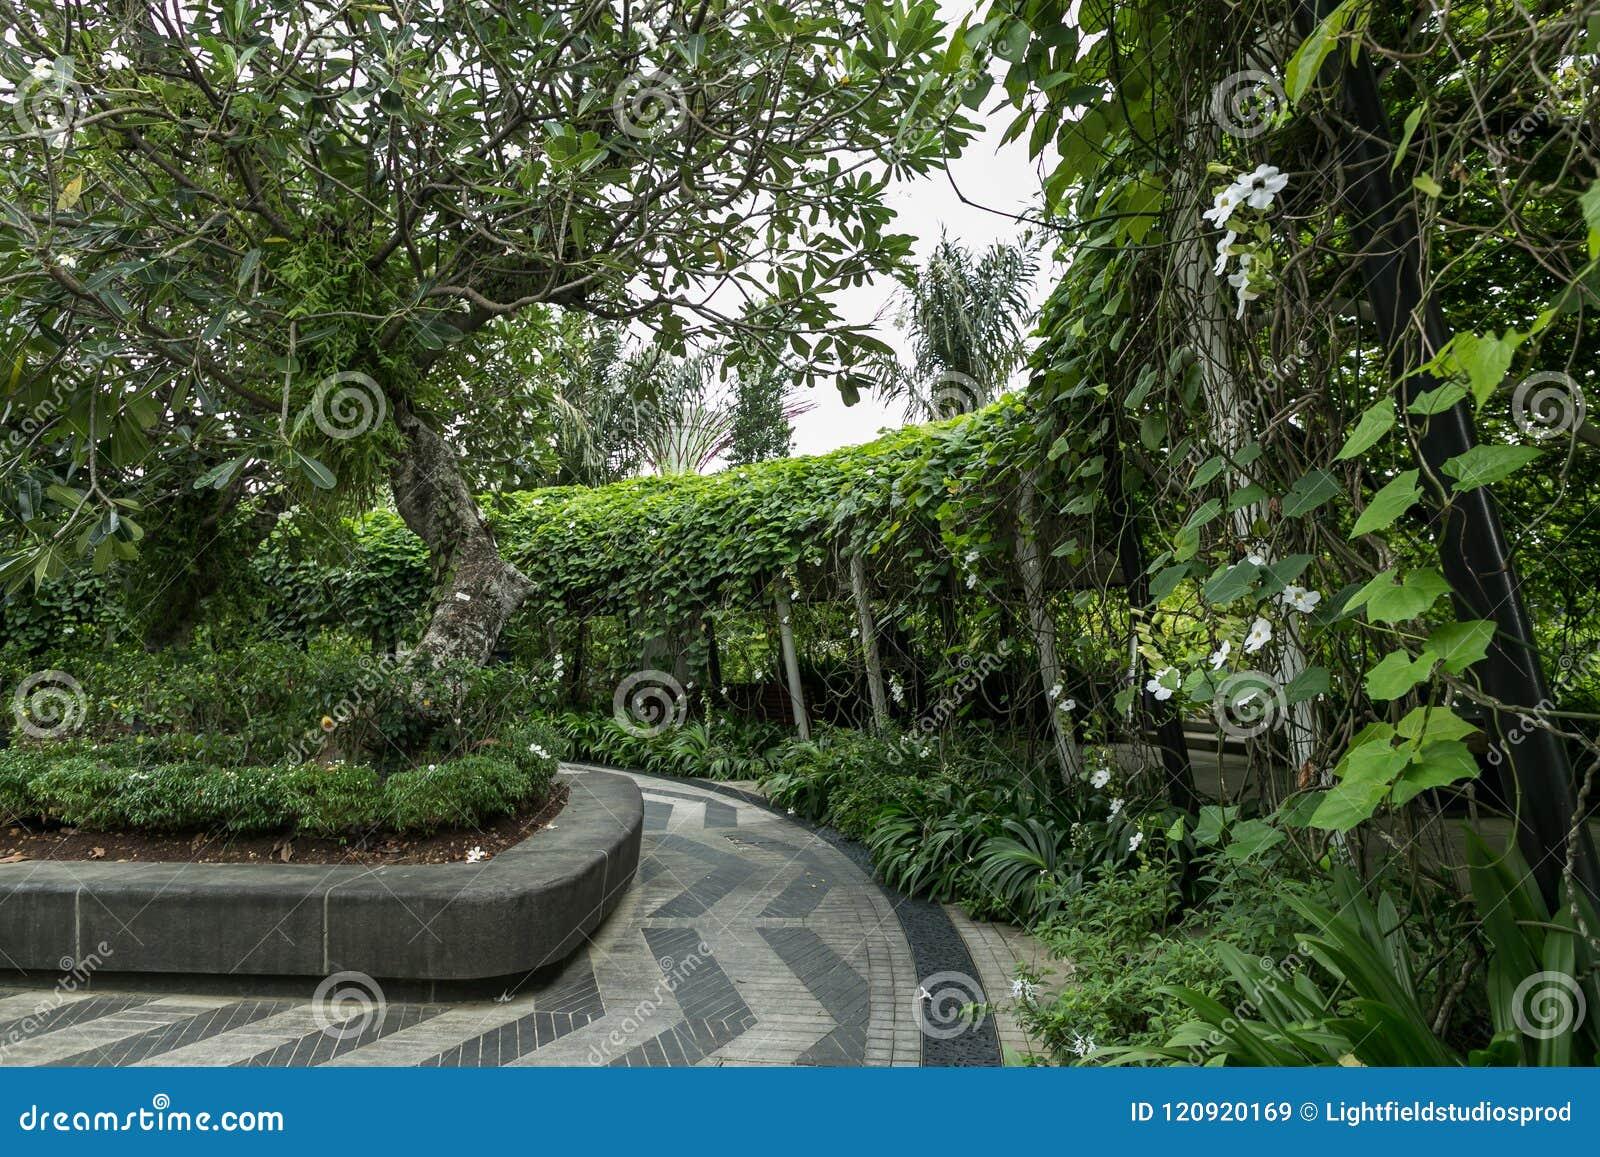 SINGAPUR - 19. JANUAR 2016: szenische Ansicht des Weges und der Bäume